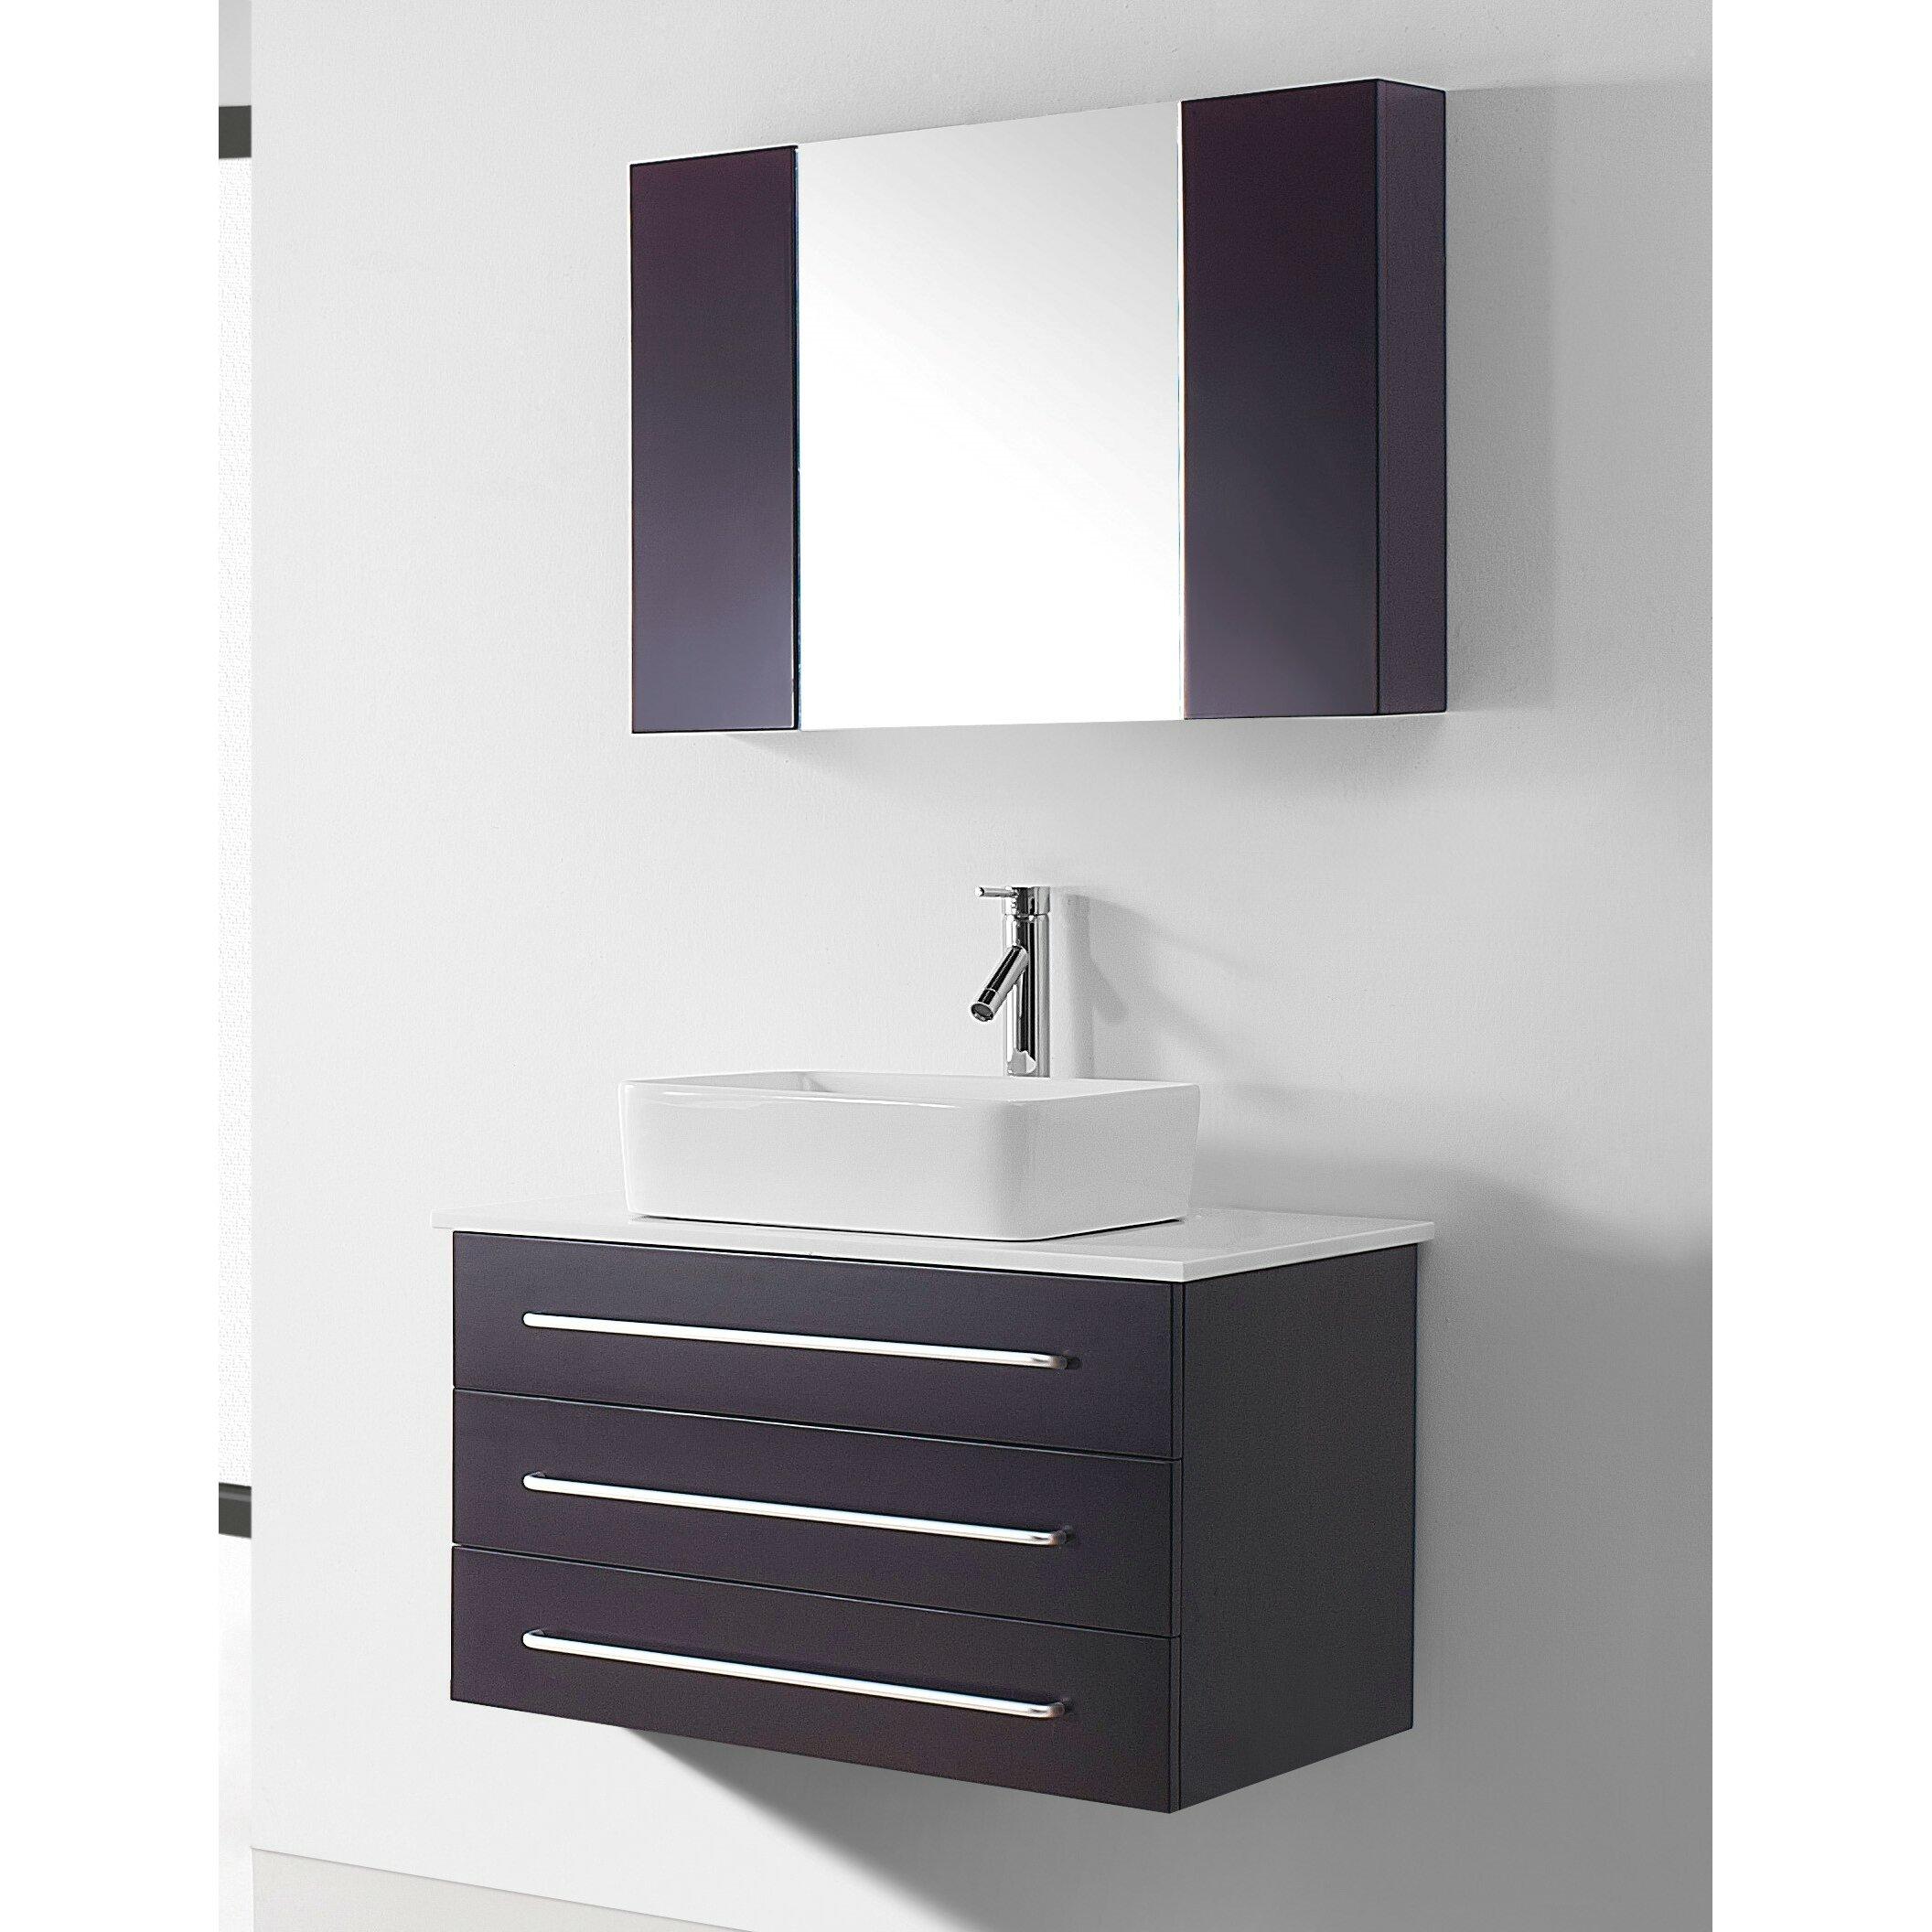 Virtu ultra modern series 32 6 single bathroom vanity set with white top and mirror reviews for Ultra bathroom vanities burbank